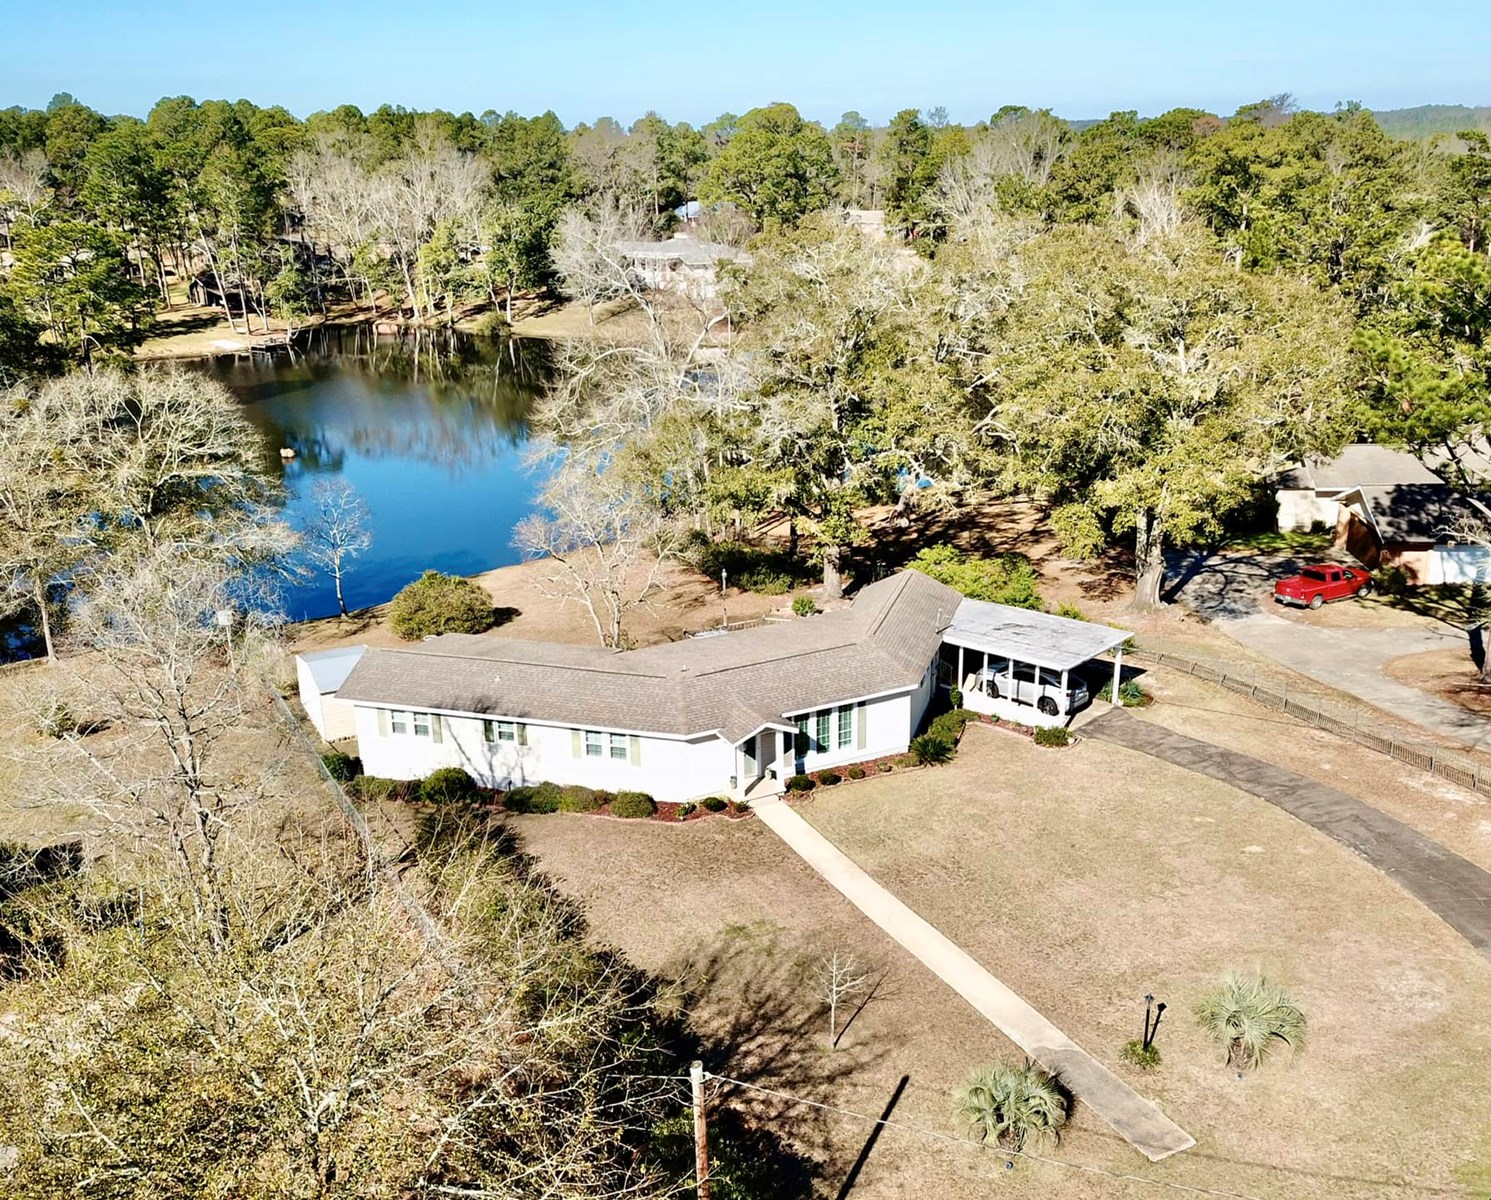 Lake Home for Sale - Geneva Alabama - Furnished & Remodeled